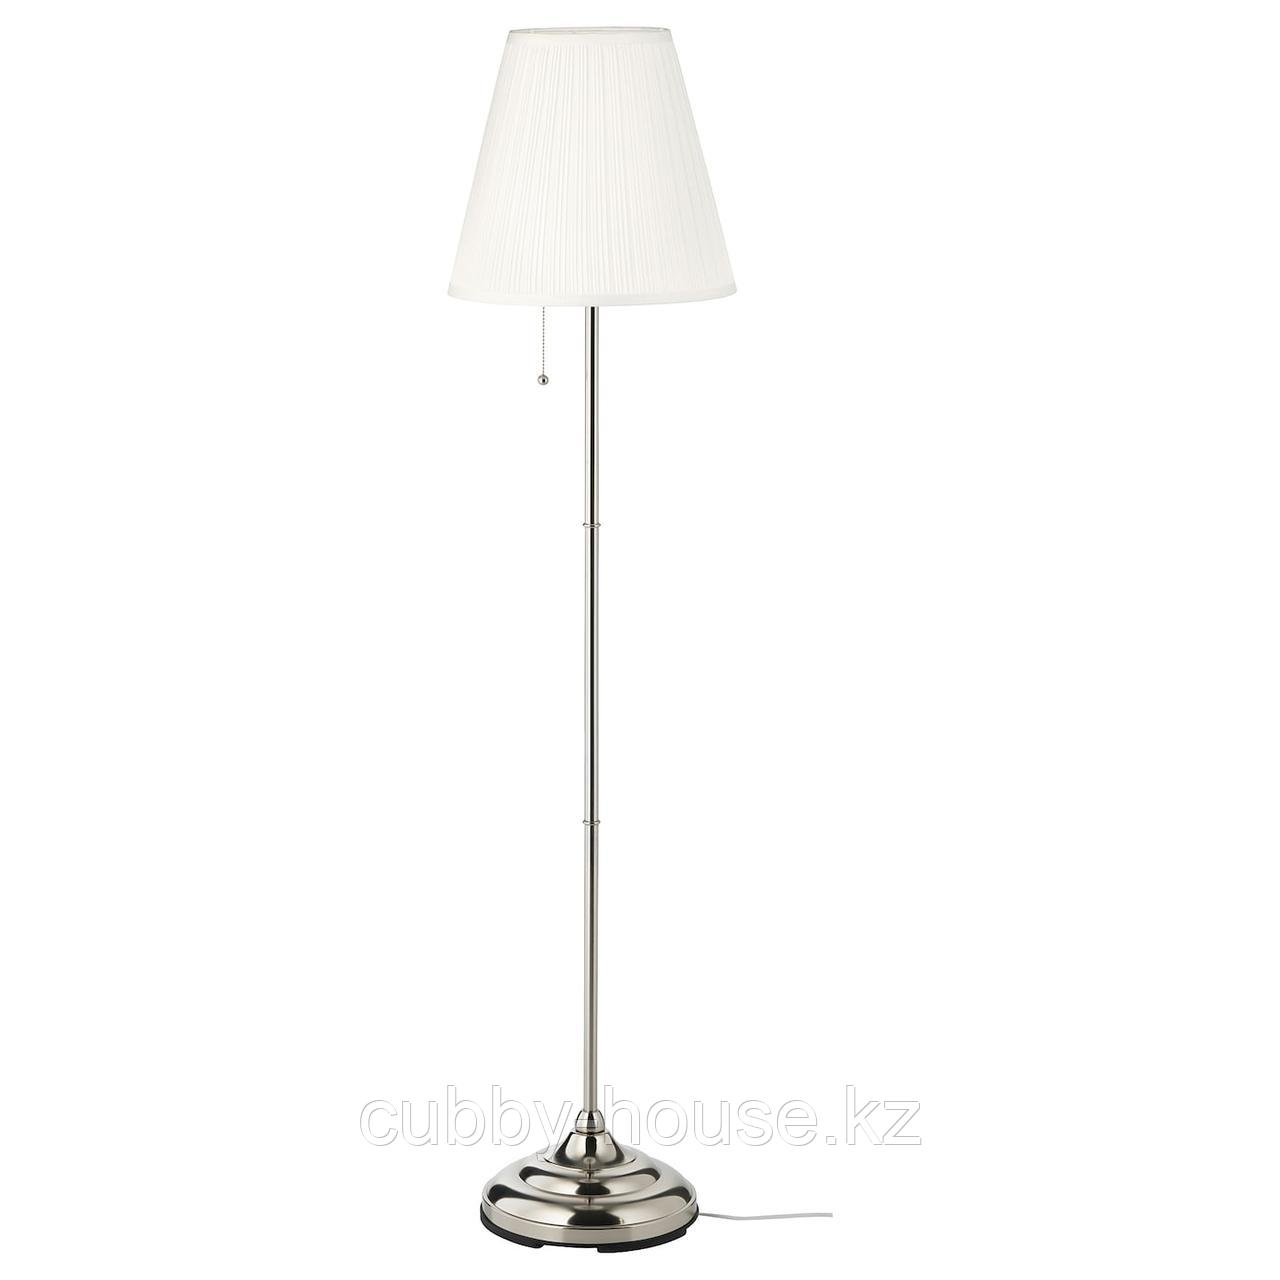 ОРСТИД Светильник напольный, никелированный, белый